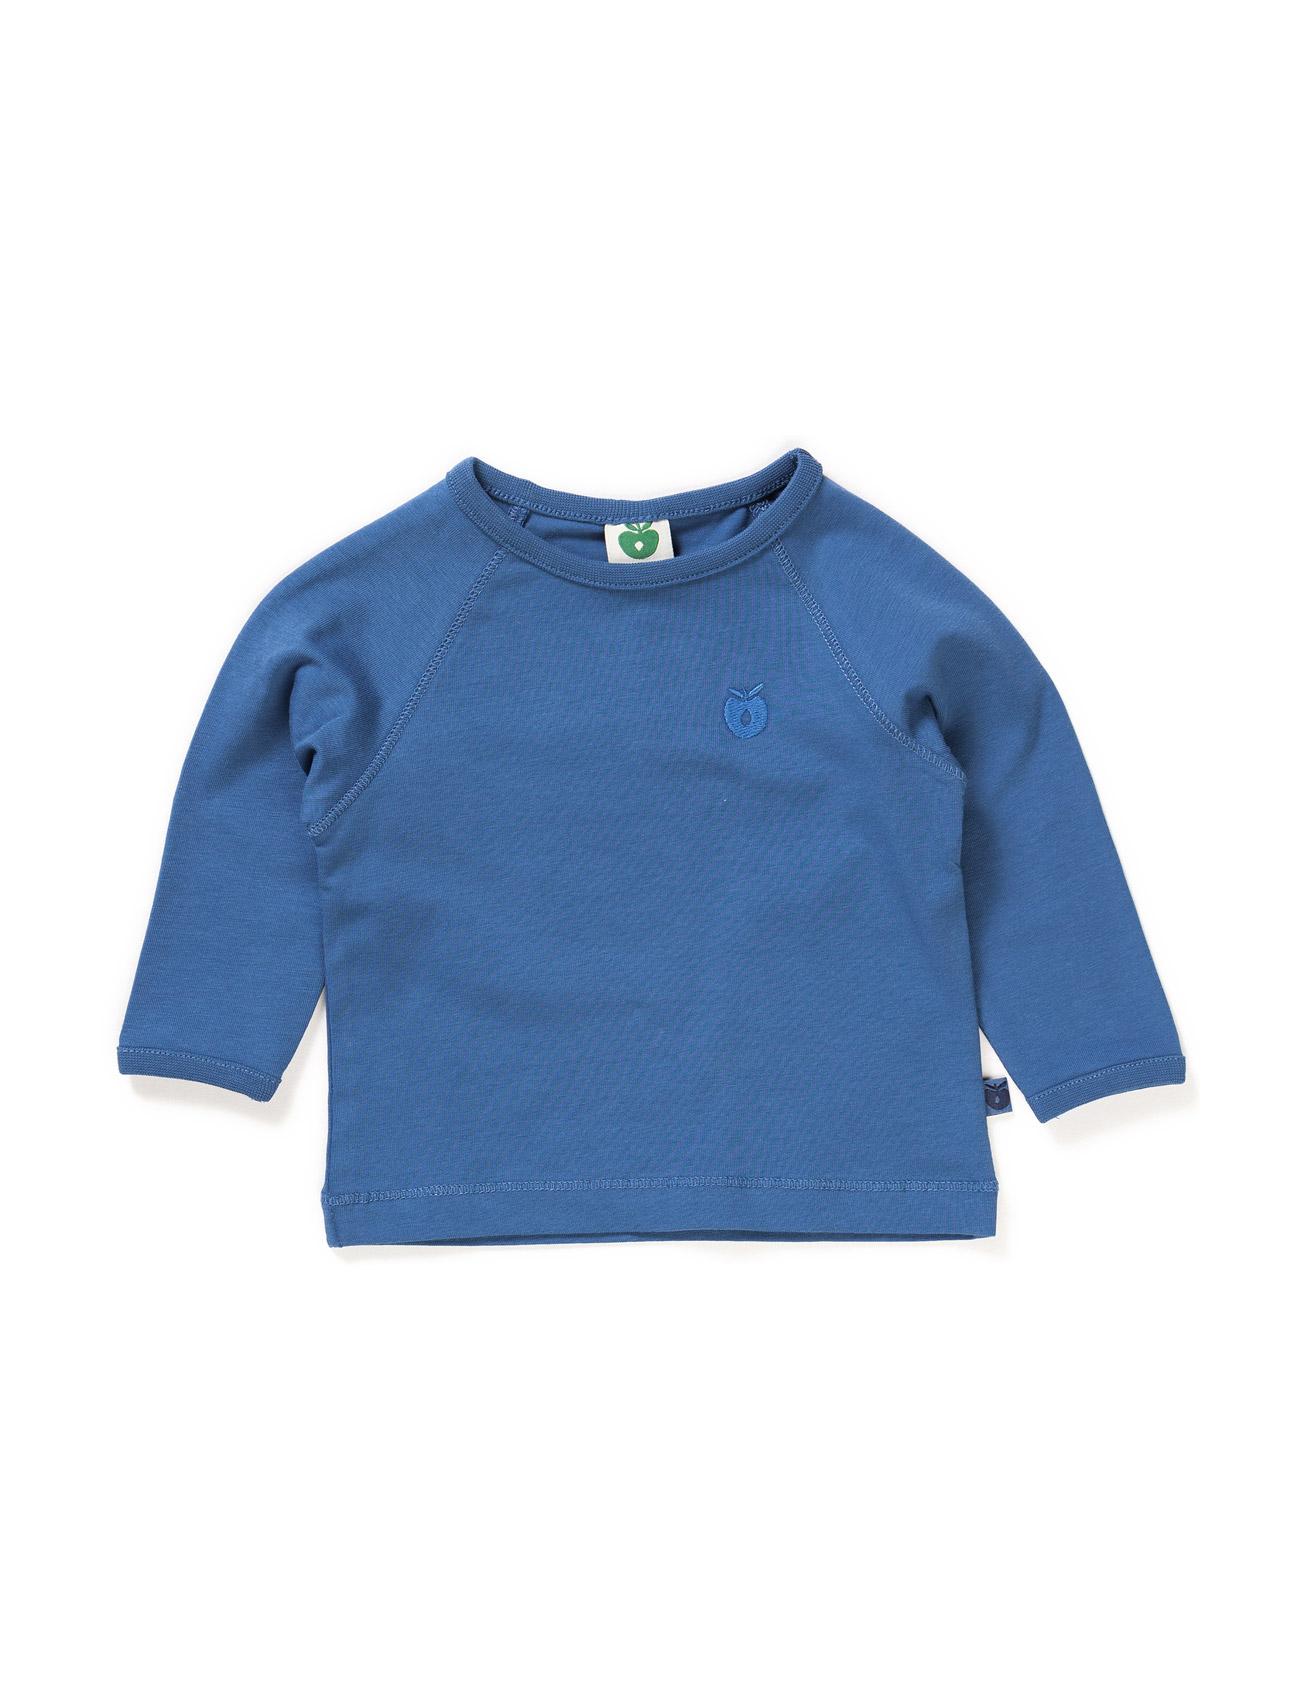 Solid Colored Baby T-Shirt Småfolk Langærmede t-shirts til Børn i